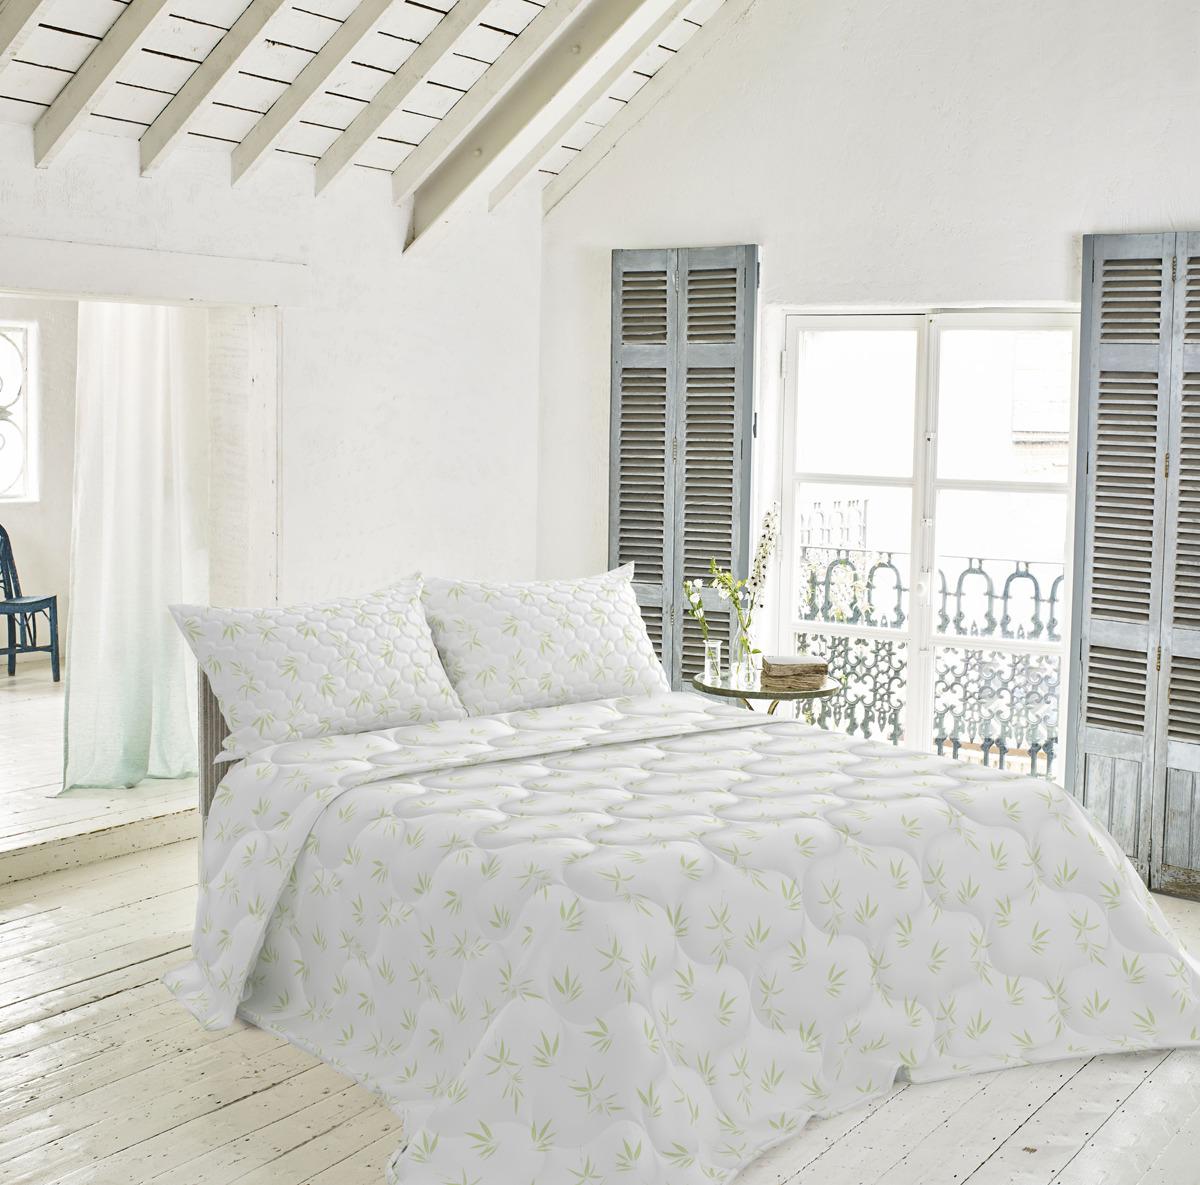 Одеяло Волшебная ночь Бамбук,бежевый, 140 х 205 см730677Уютный дом в модном стиле - легко и быстро! Все изделия из натуральной хлопковой ткани - жаккард. Жаккардовая ткань очень прочная, при этом мягкая и нежная с натуральным матовым блеском. 100% хлопок в сочетании с натуральным наполнителем из бамбукового волокна обеспечивает оптимальный теплообмен, позволяя коже дышать. Гигиенические свойства бамбука препятствуют размножению бактерий, образованию запахов, дарят ощущения легкости и свежести даже после многократных стирок.